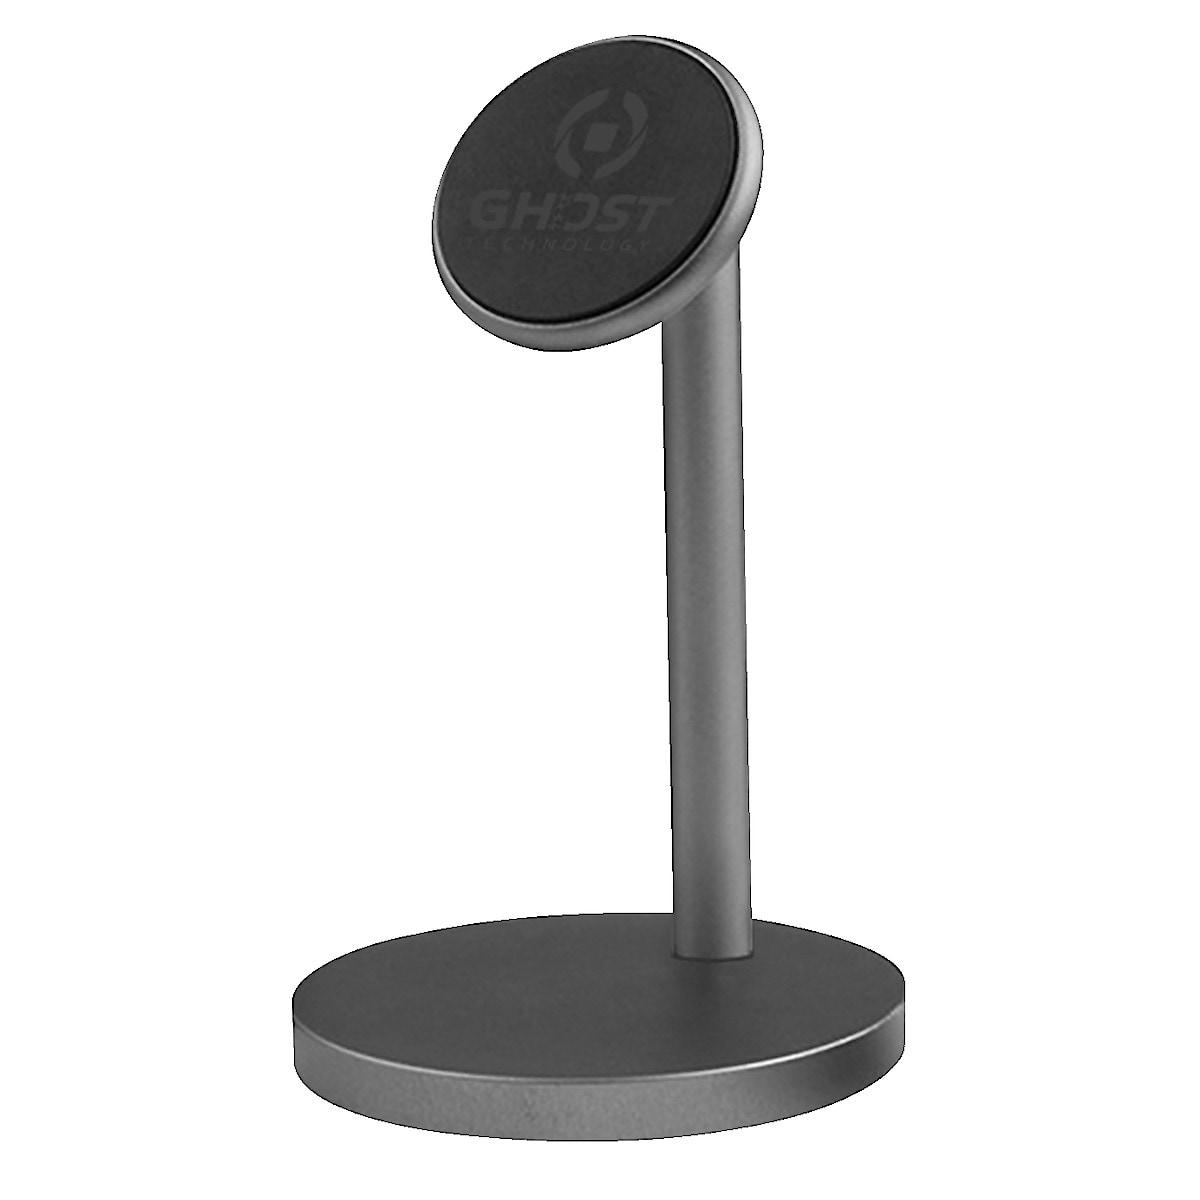 Celly Ghost Desk mobilholder for skrivebord